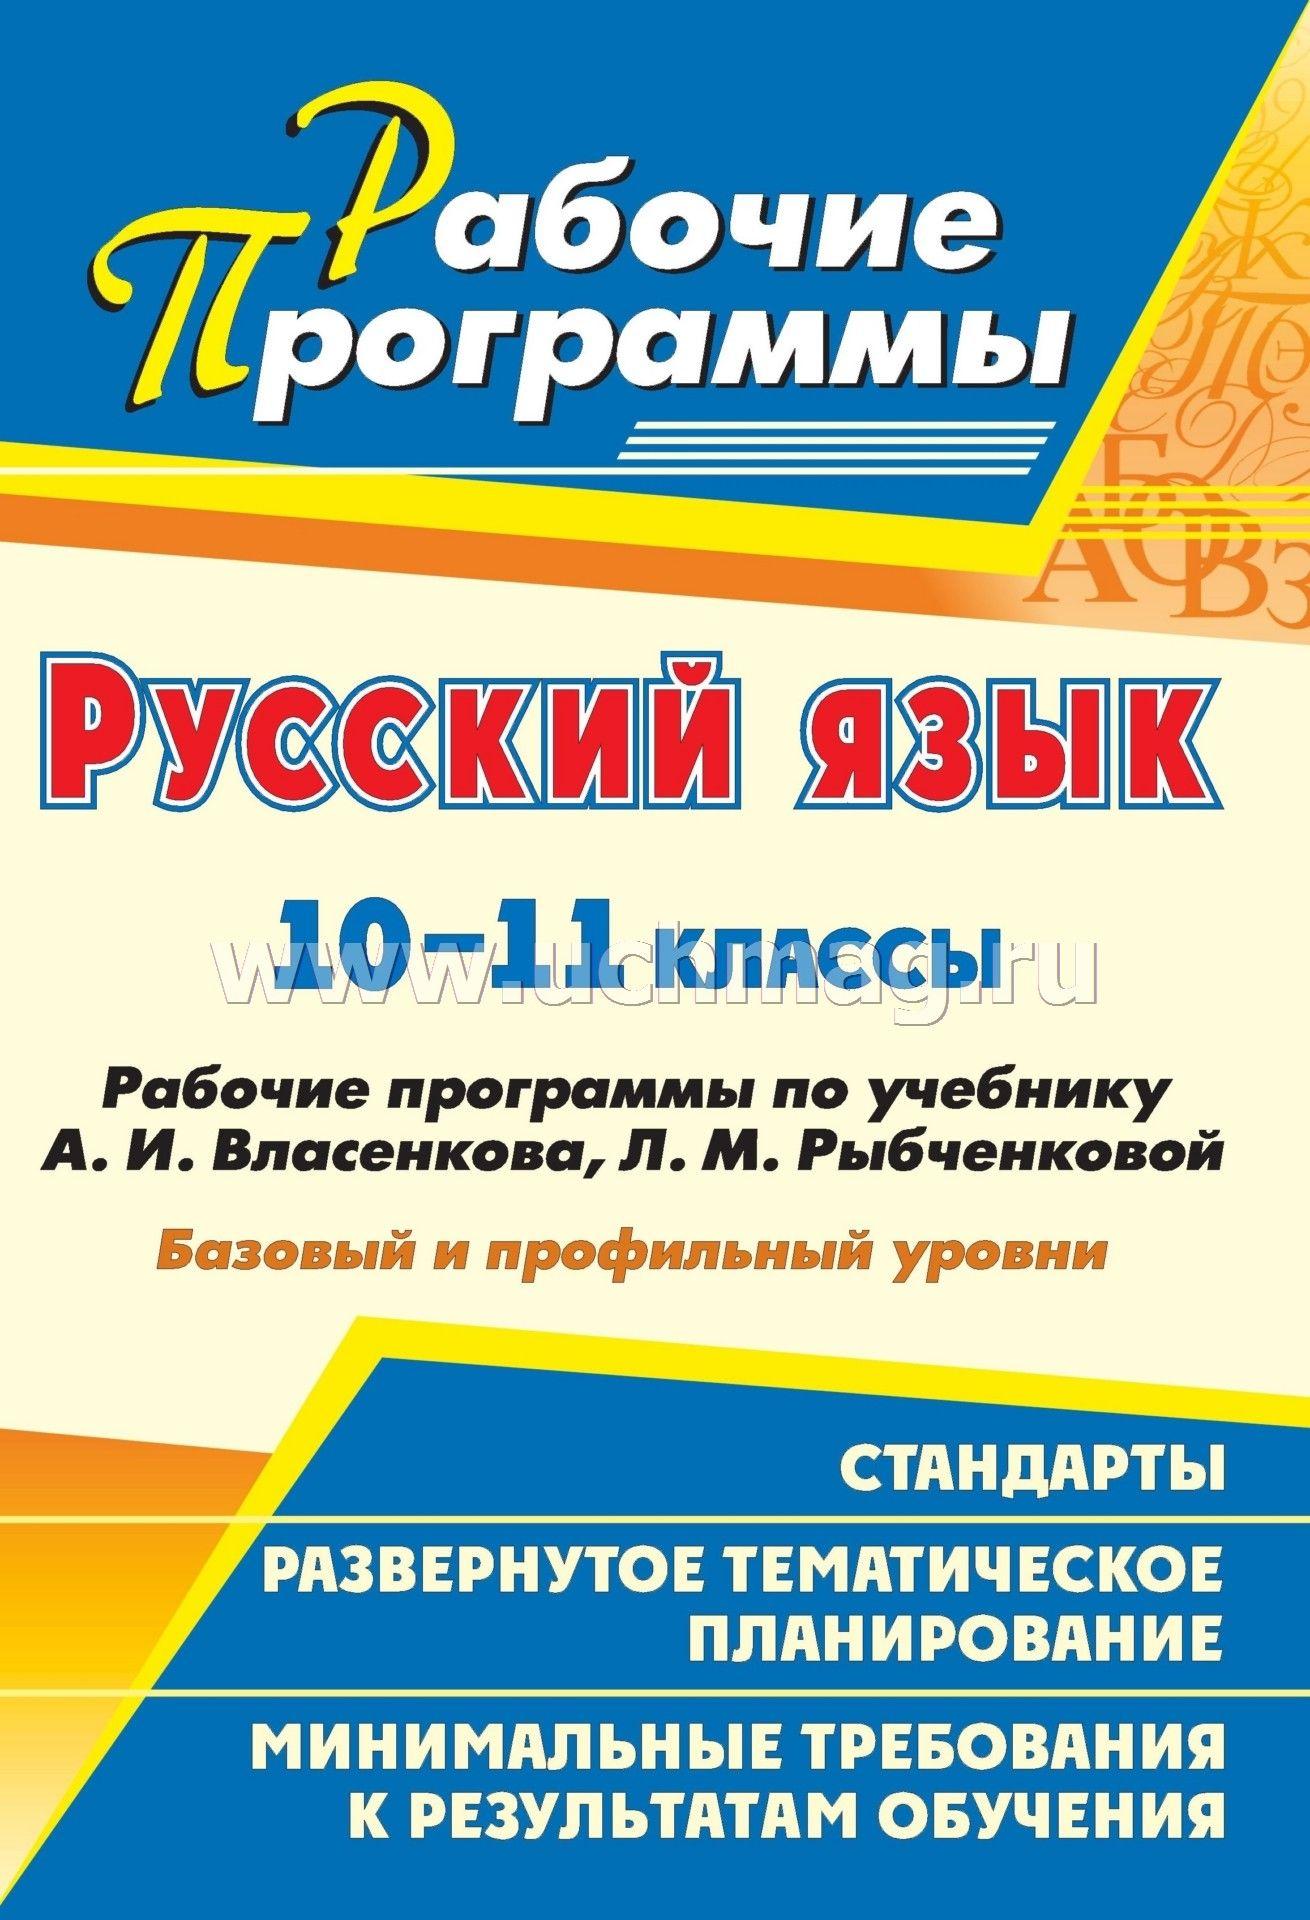 Программа власенкова по русскому языку скачать